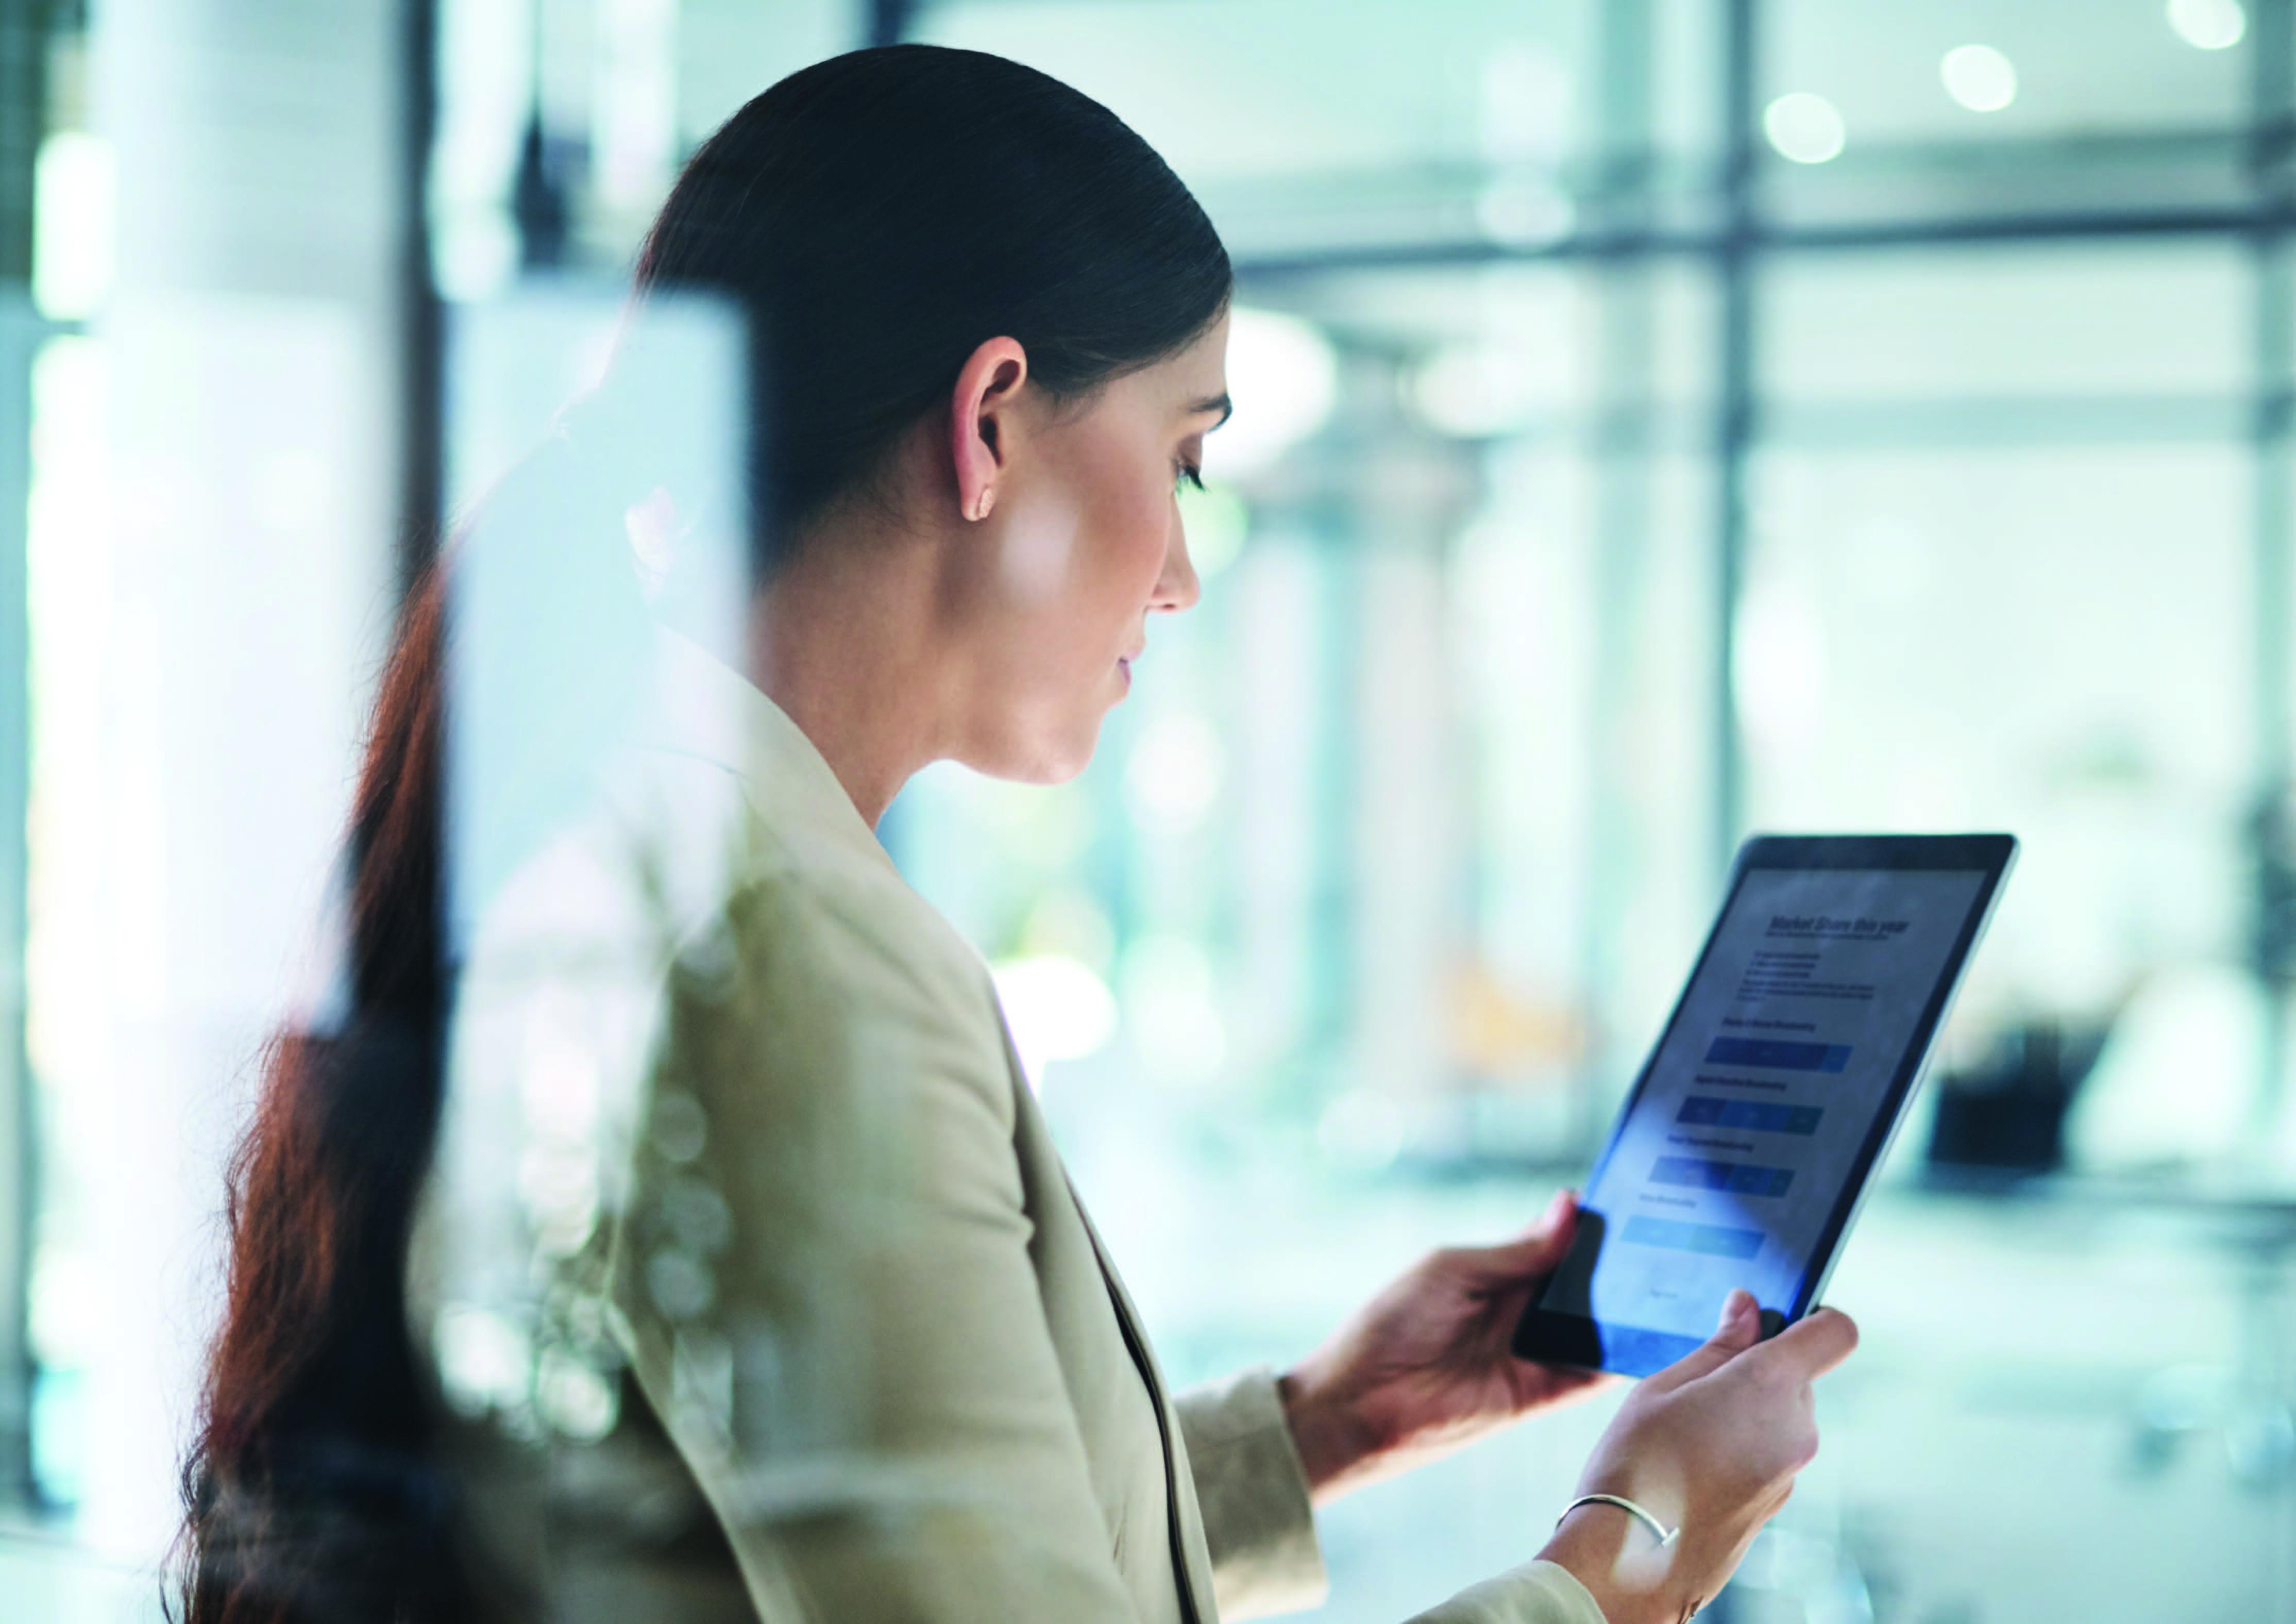 SAP HCM & SuccessFactors customers p4